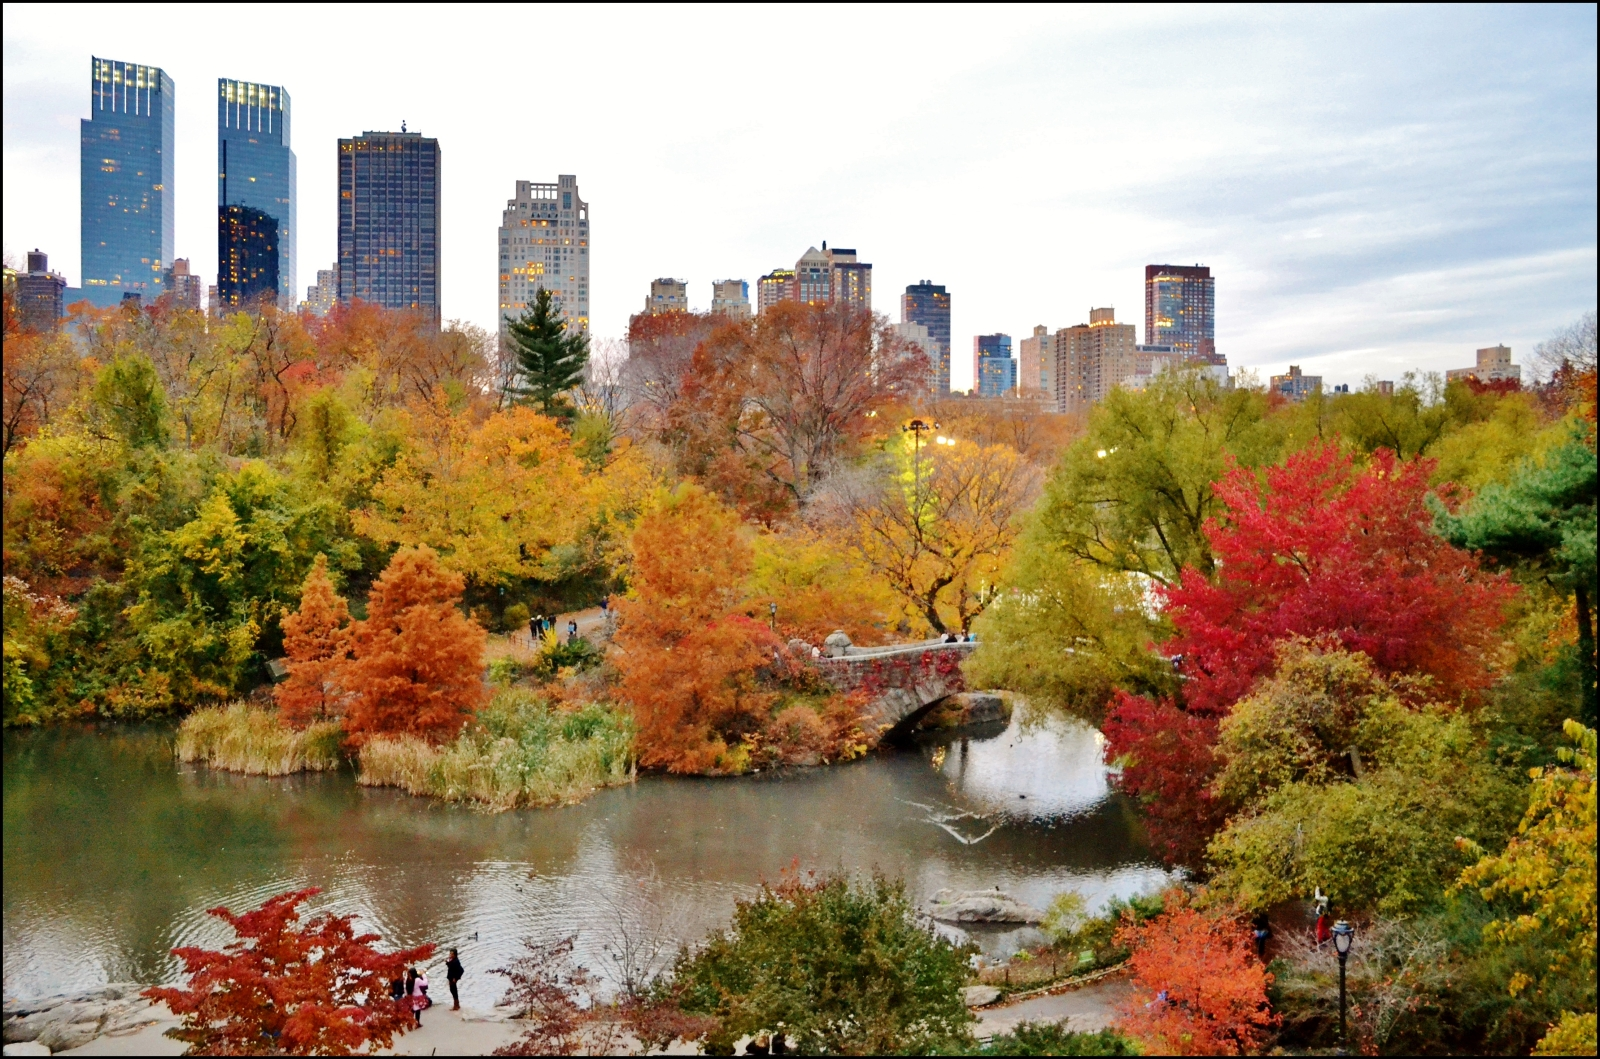 Du lịch New York vào mùa thu